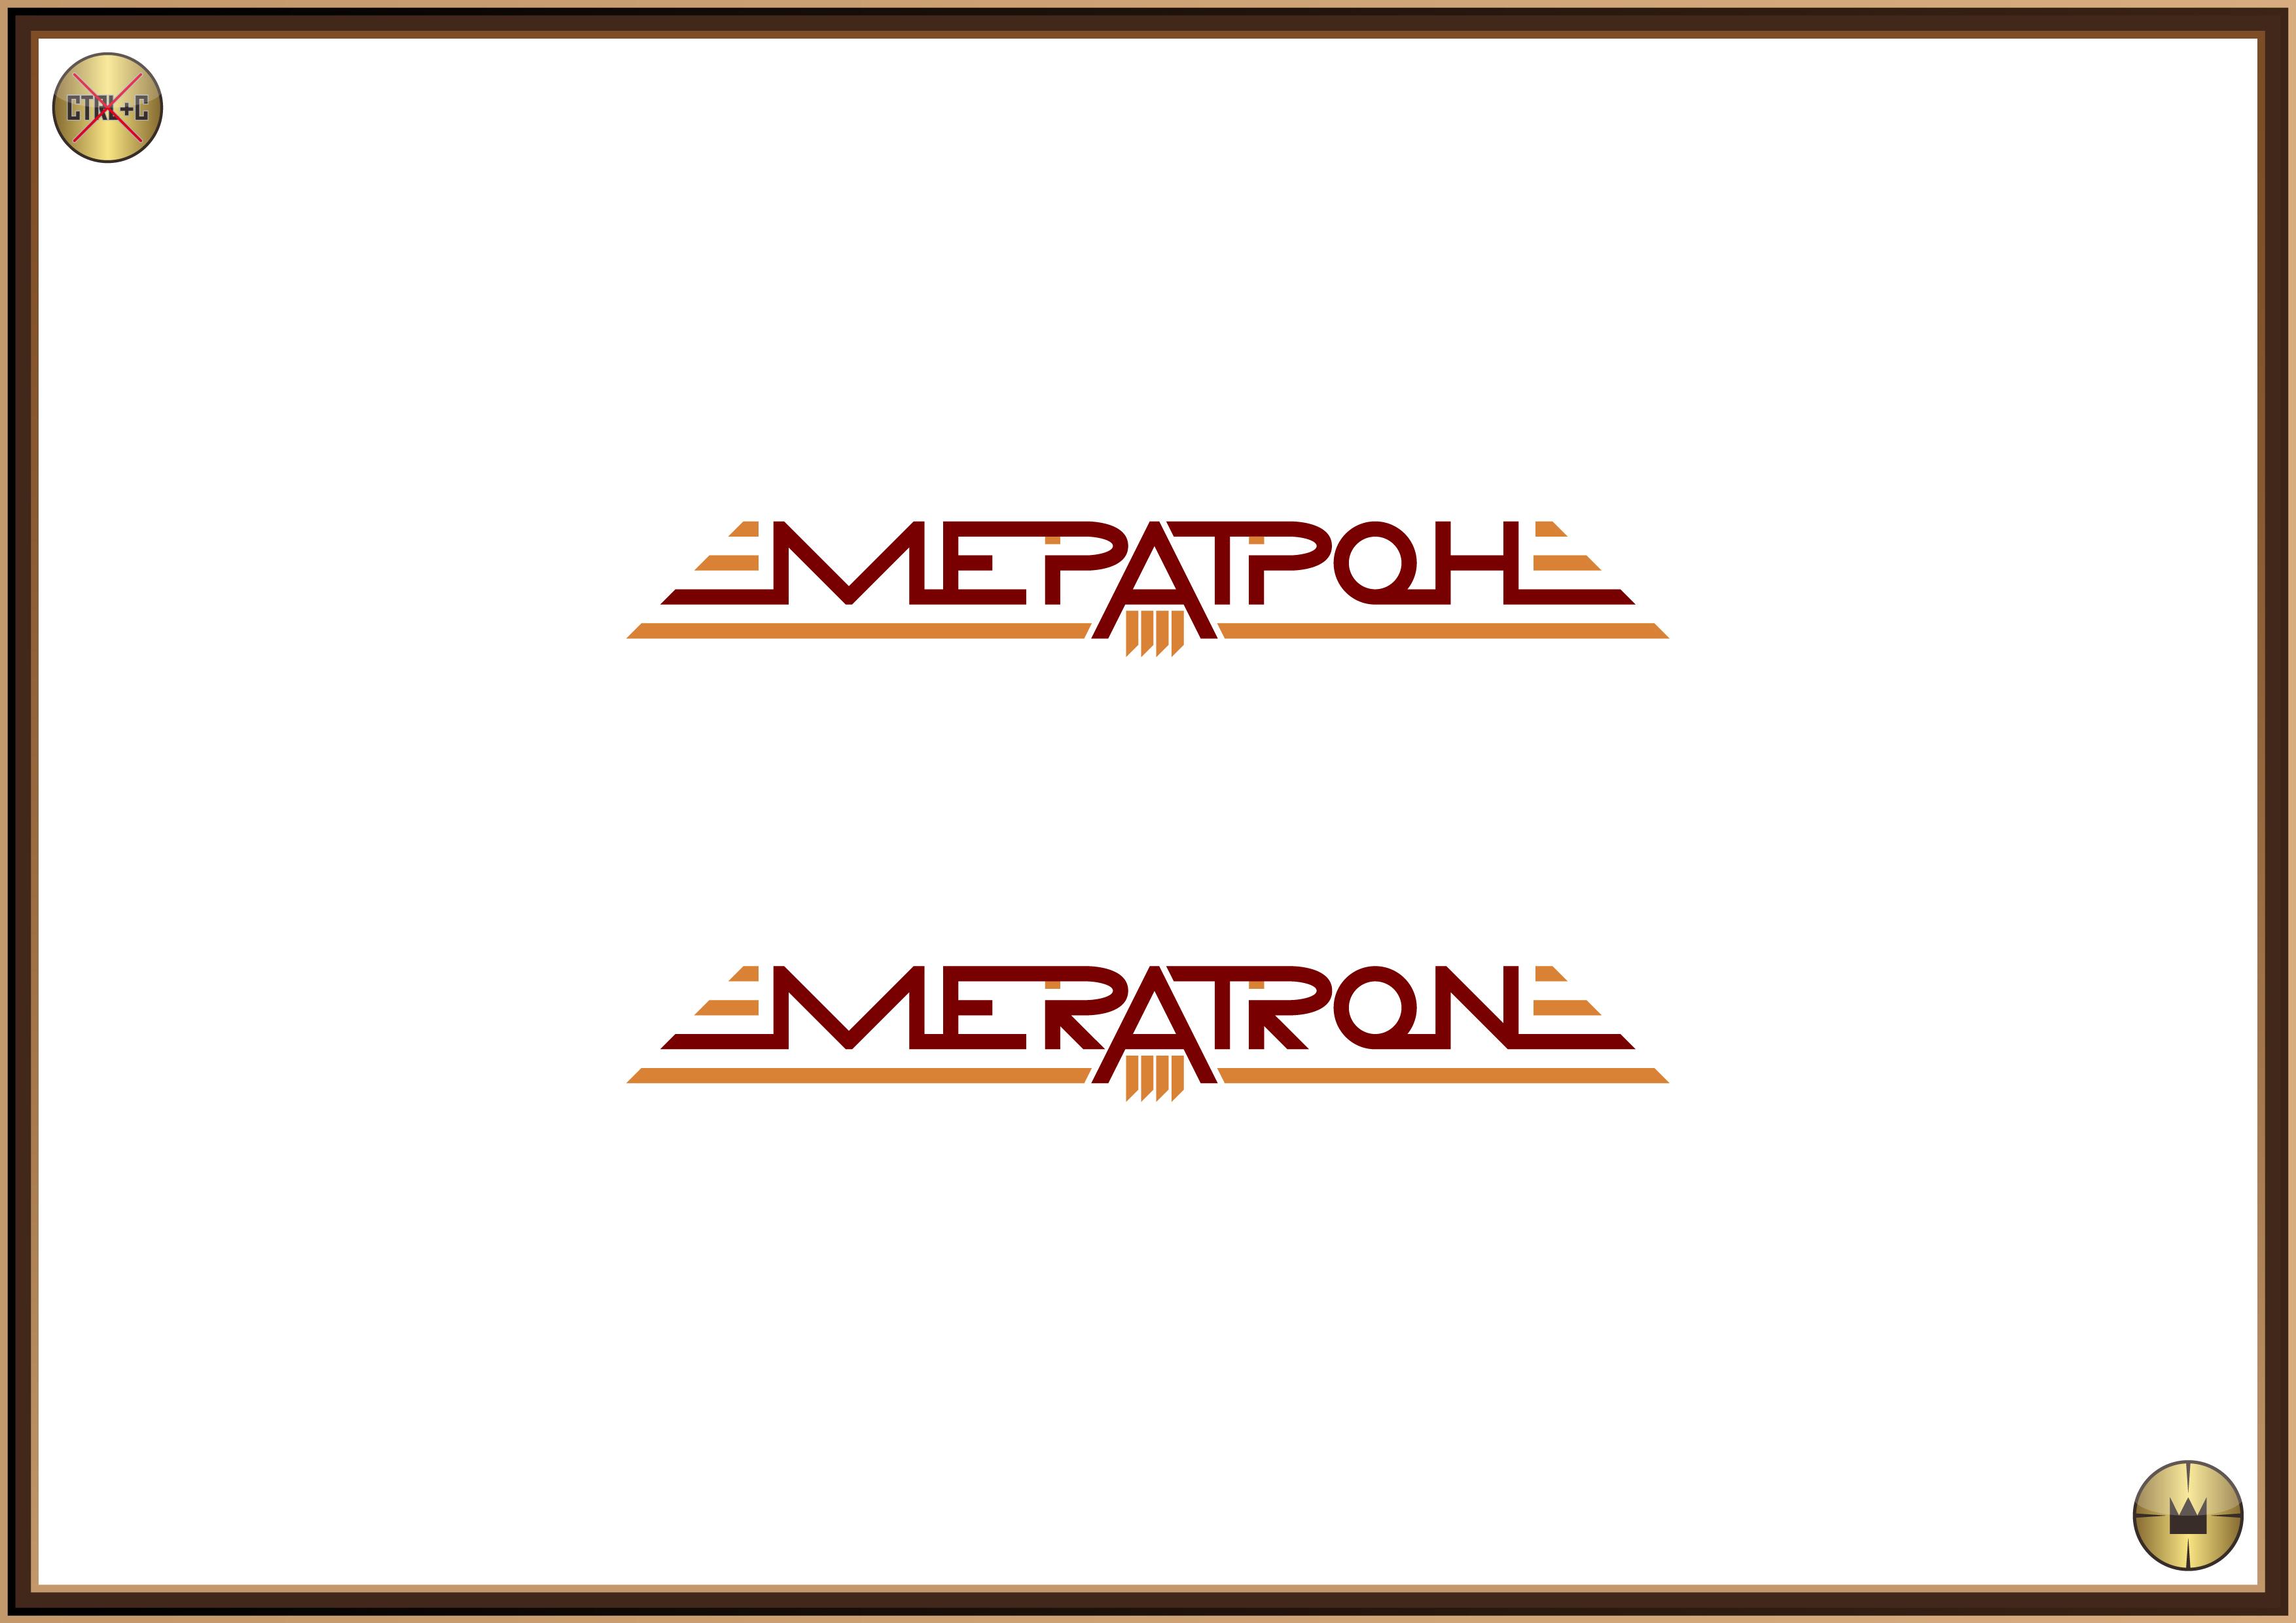 Разработать логотип организации фото f_4f0e971740a3e.jpg